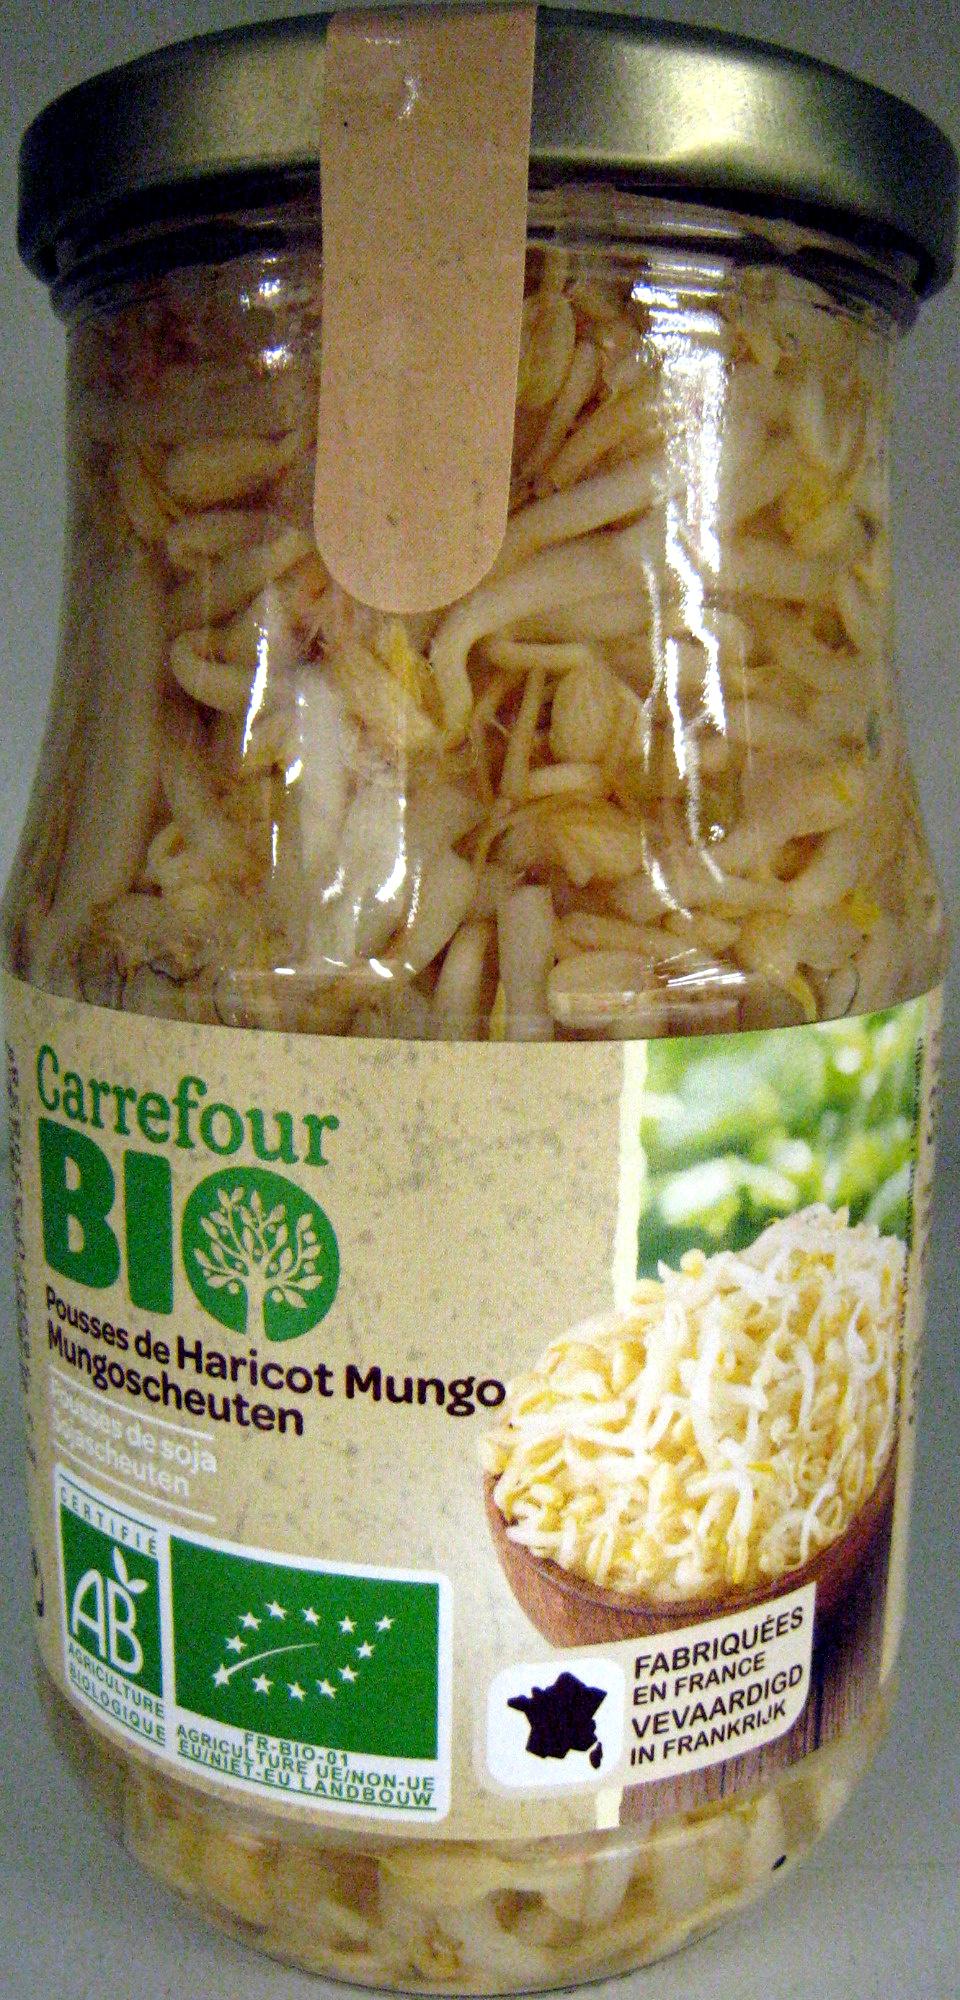 Pousses de haricots mungo soja bio carrefour 330 g - Cuisiner des pousses de soja ...